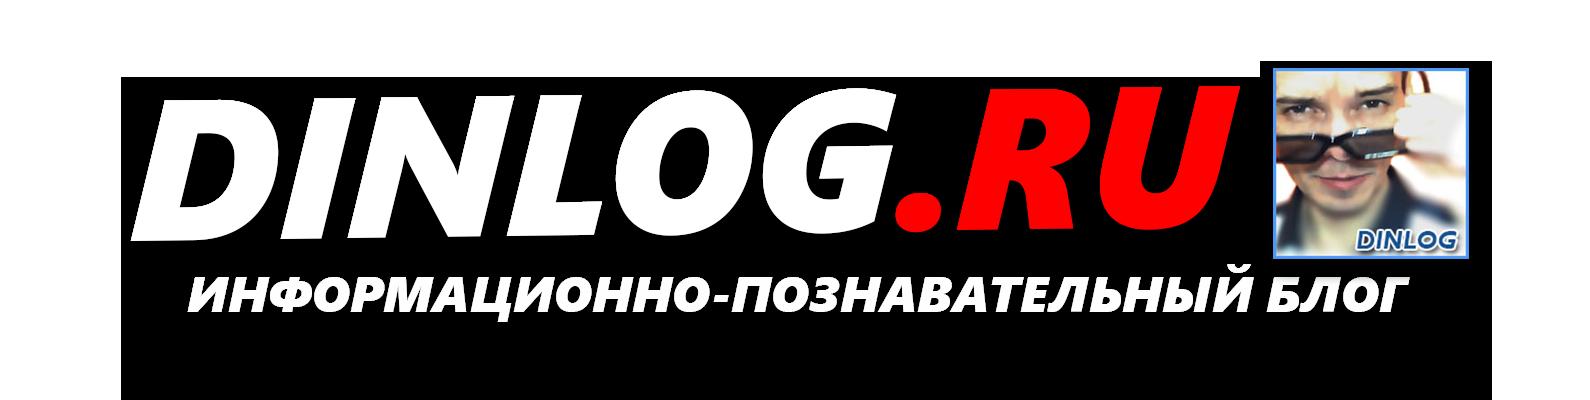 Dinlog.ru